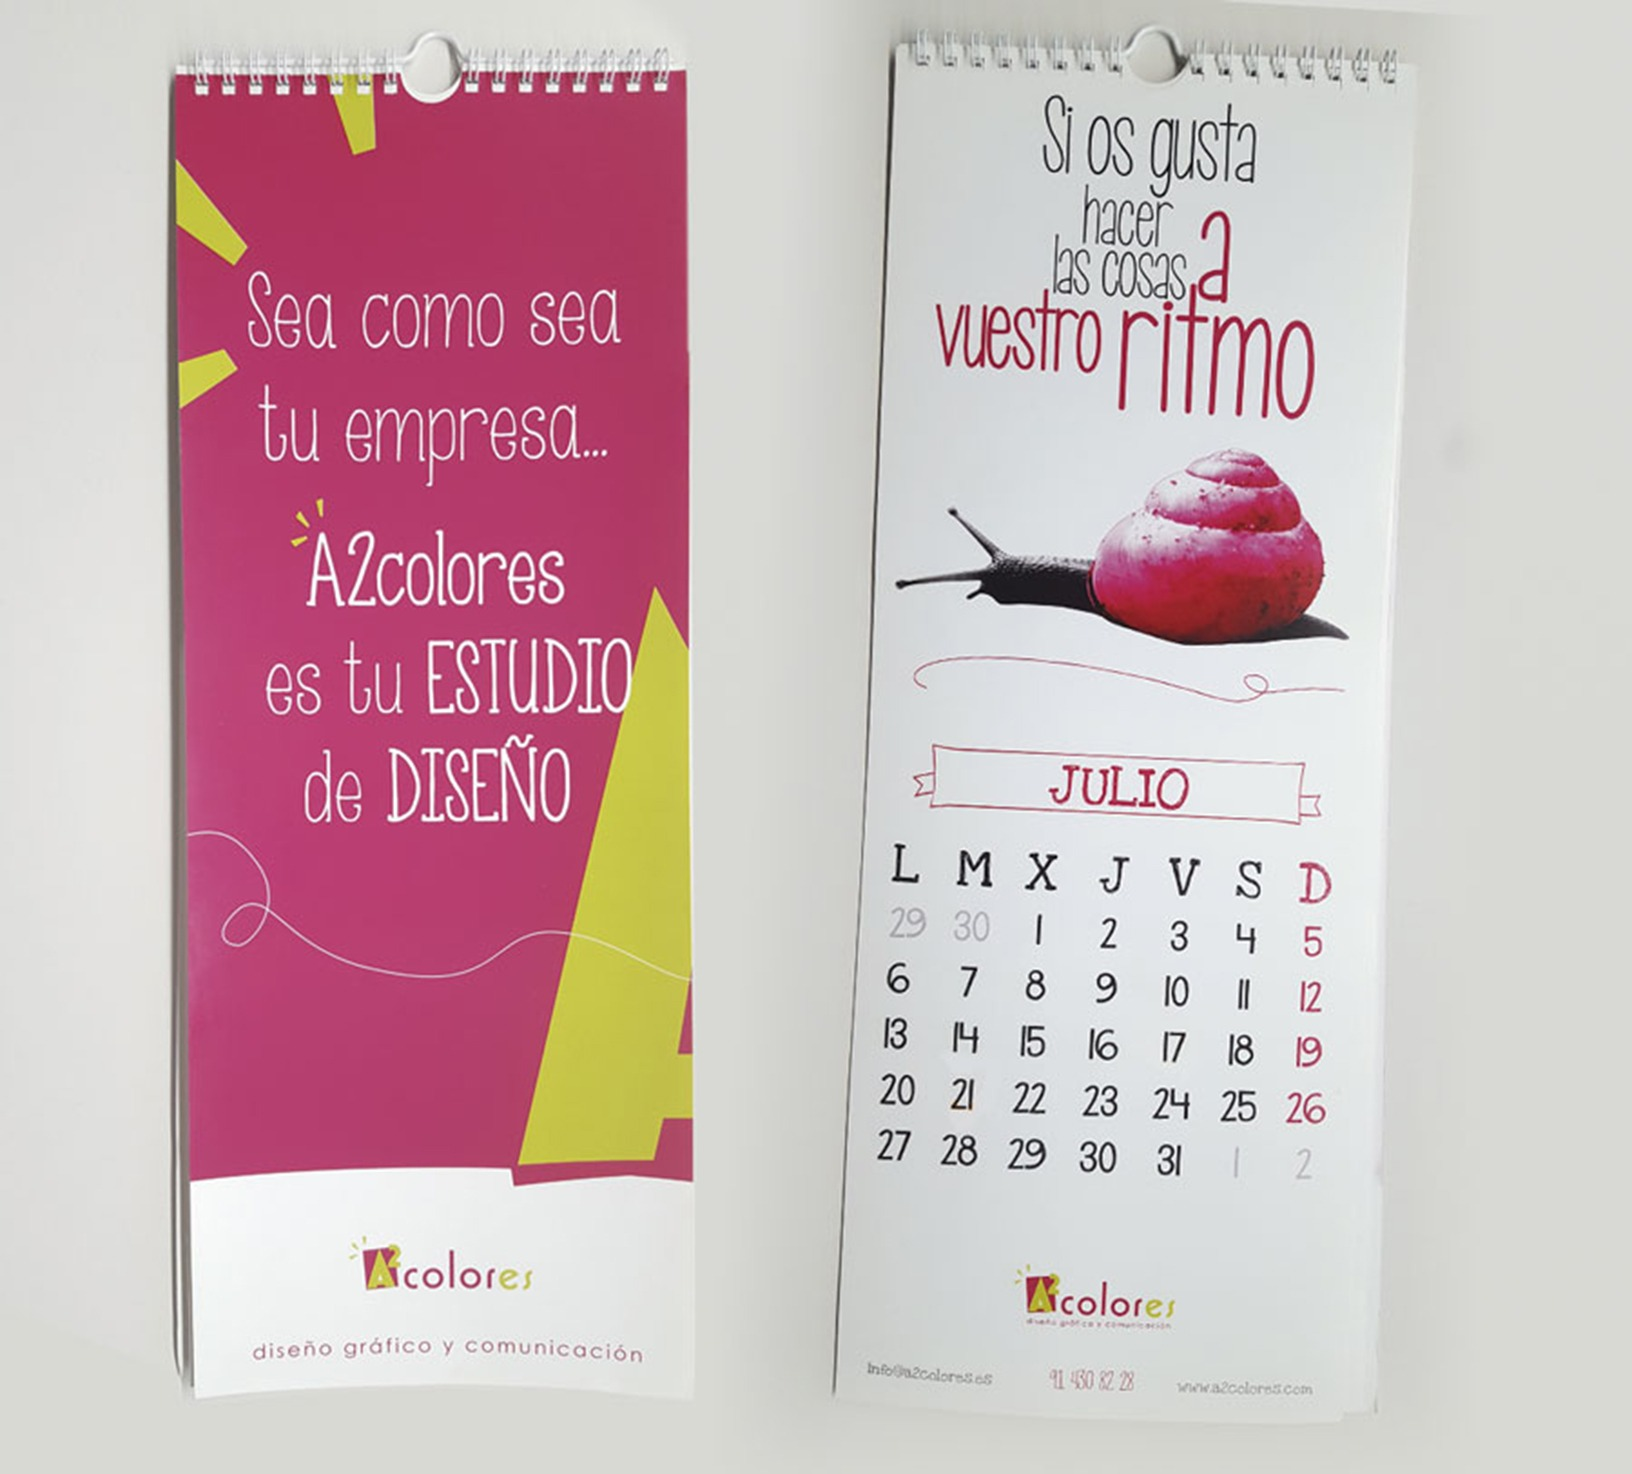 calendarios-a2colores